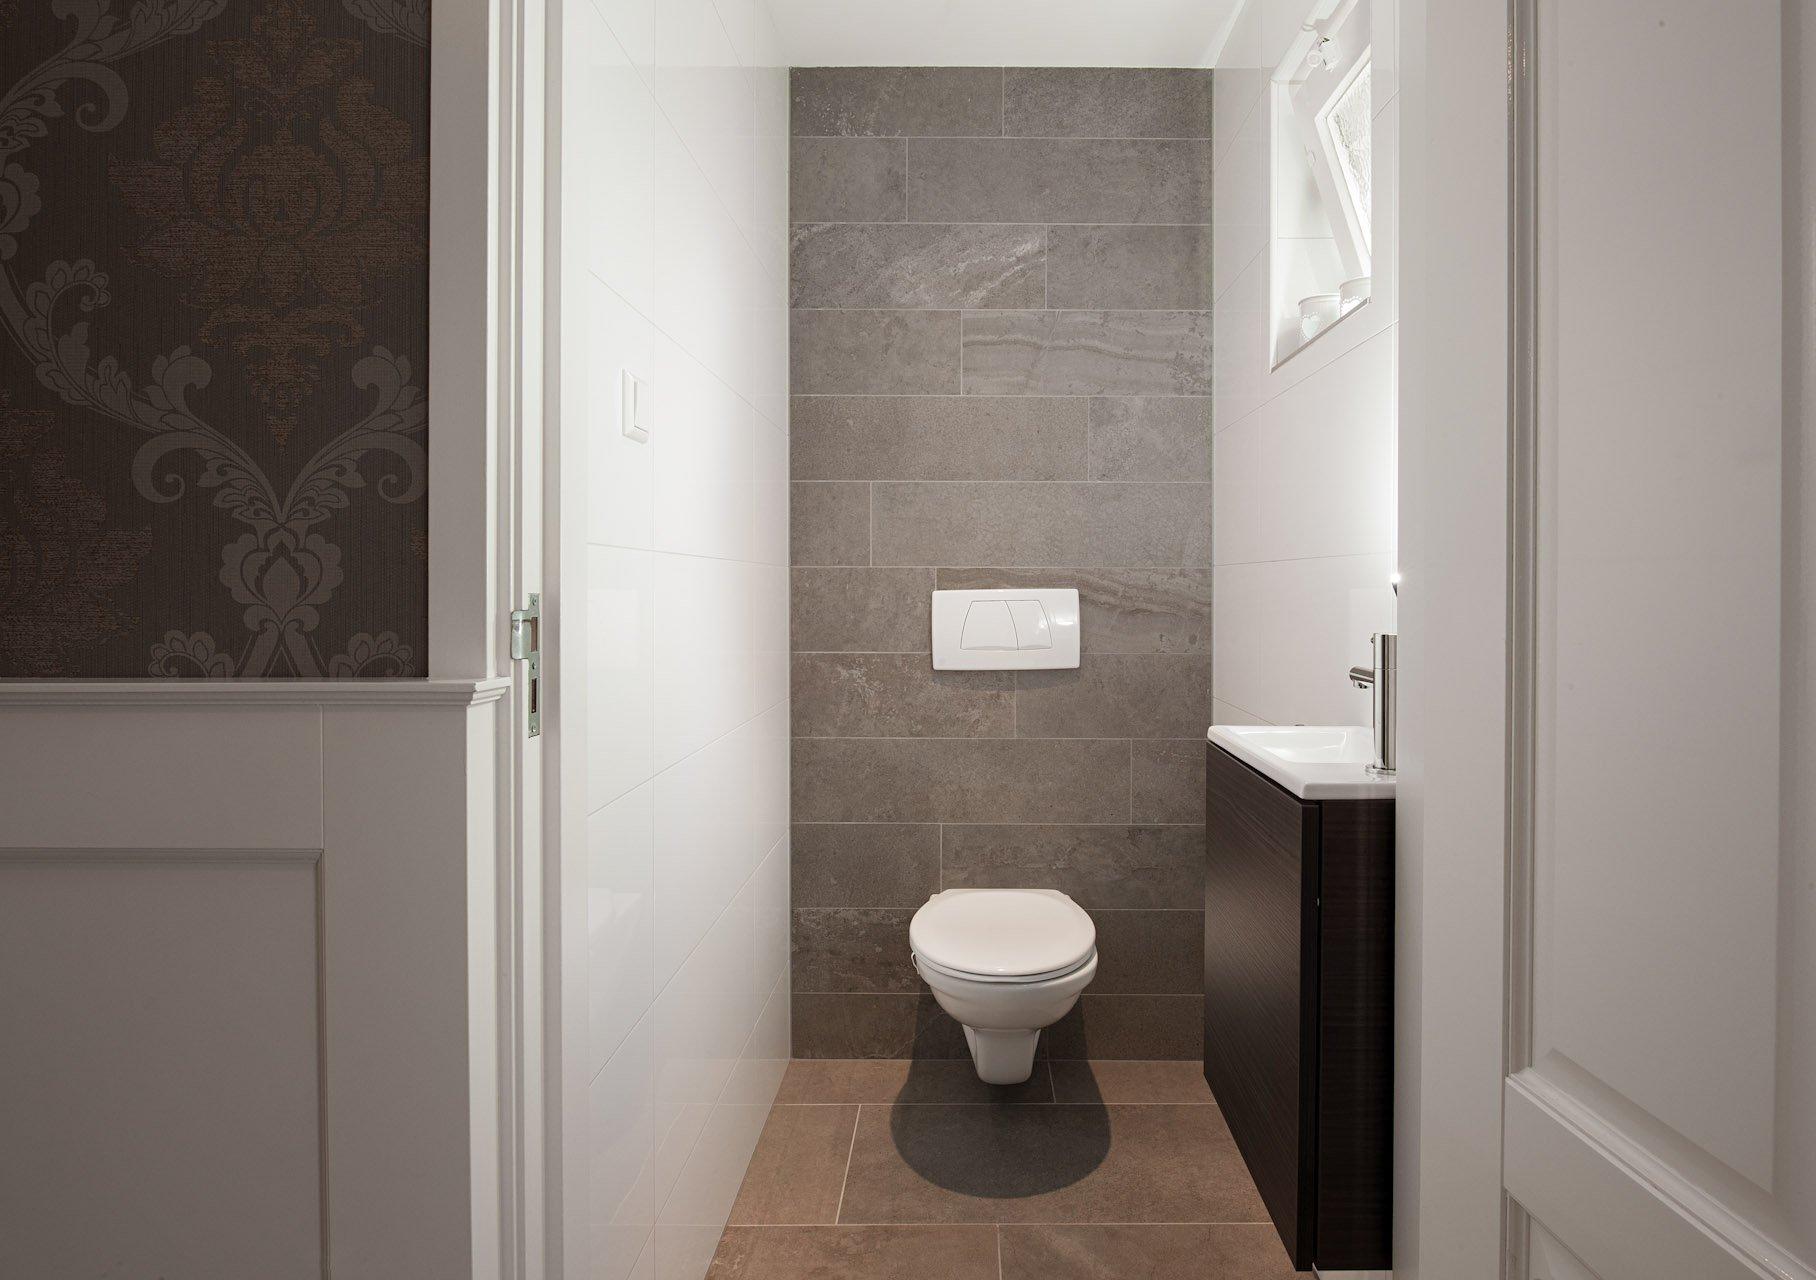 Groot formaat vloertegels in hal en badkamer - KROON Vloeren in Steen